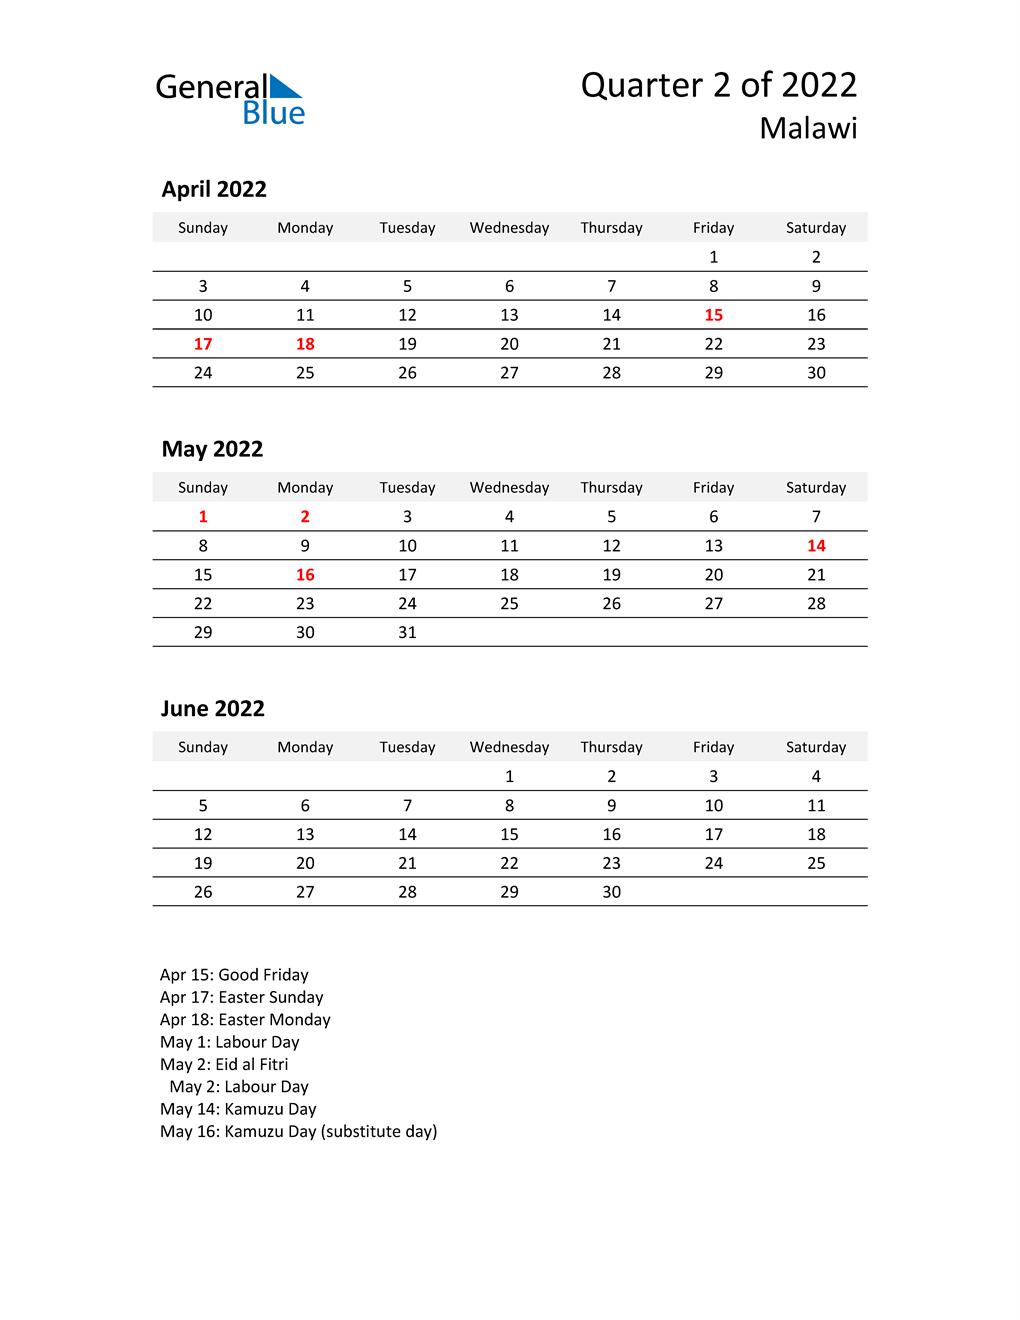 2022 Three-Month Calendar for Malawi